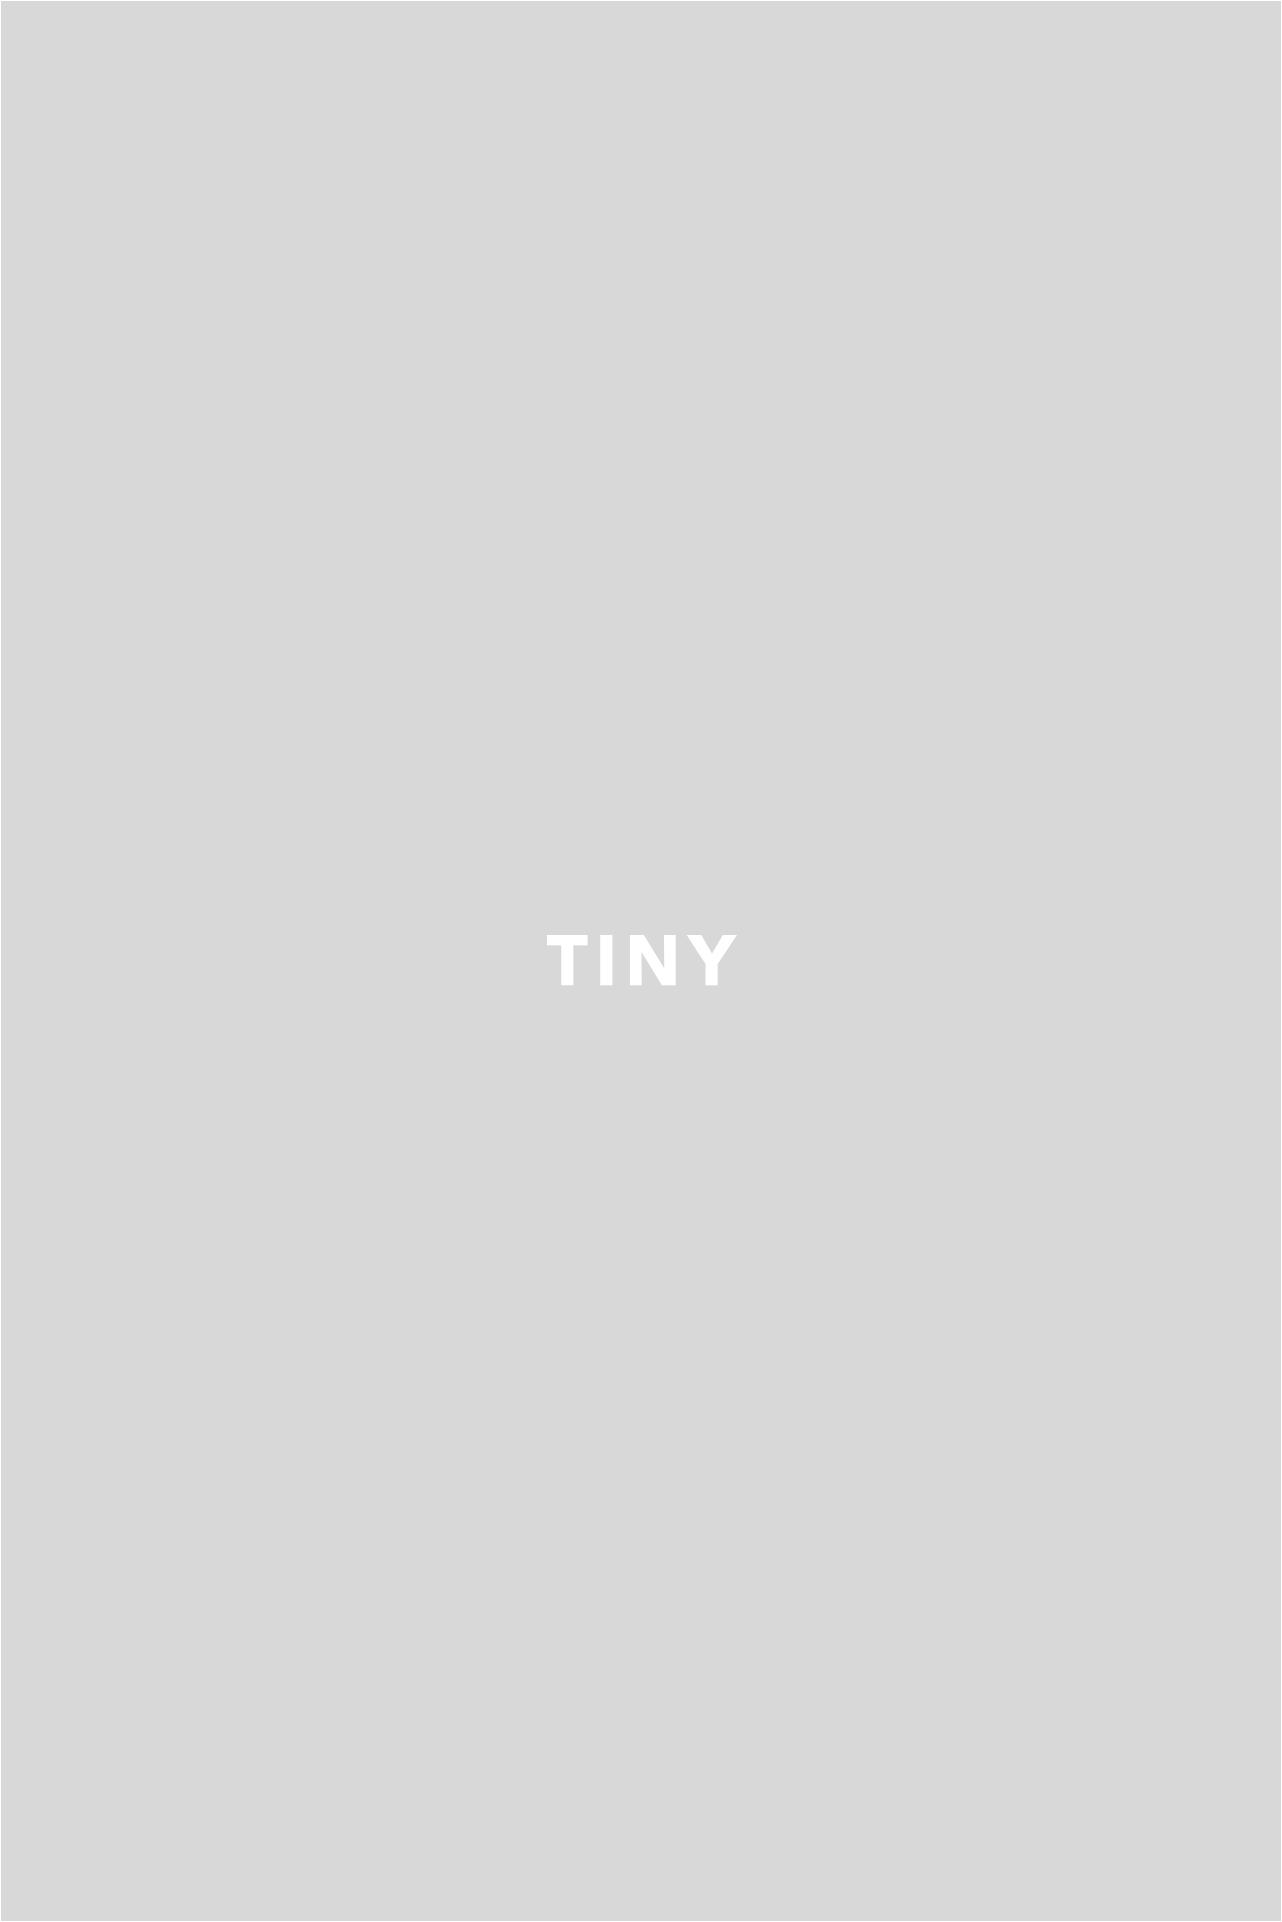 BODY TINY NATURE LOVER